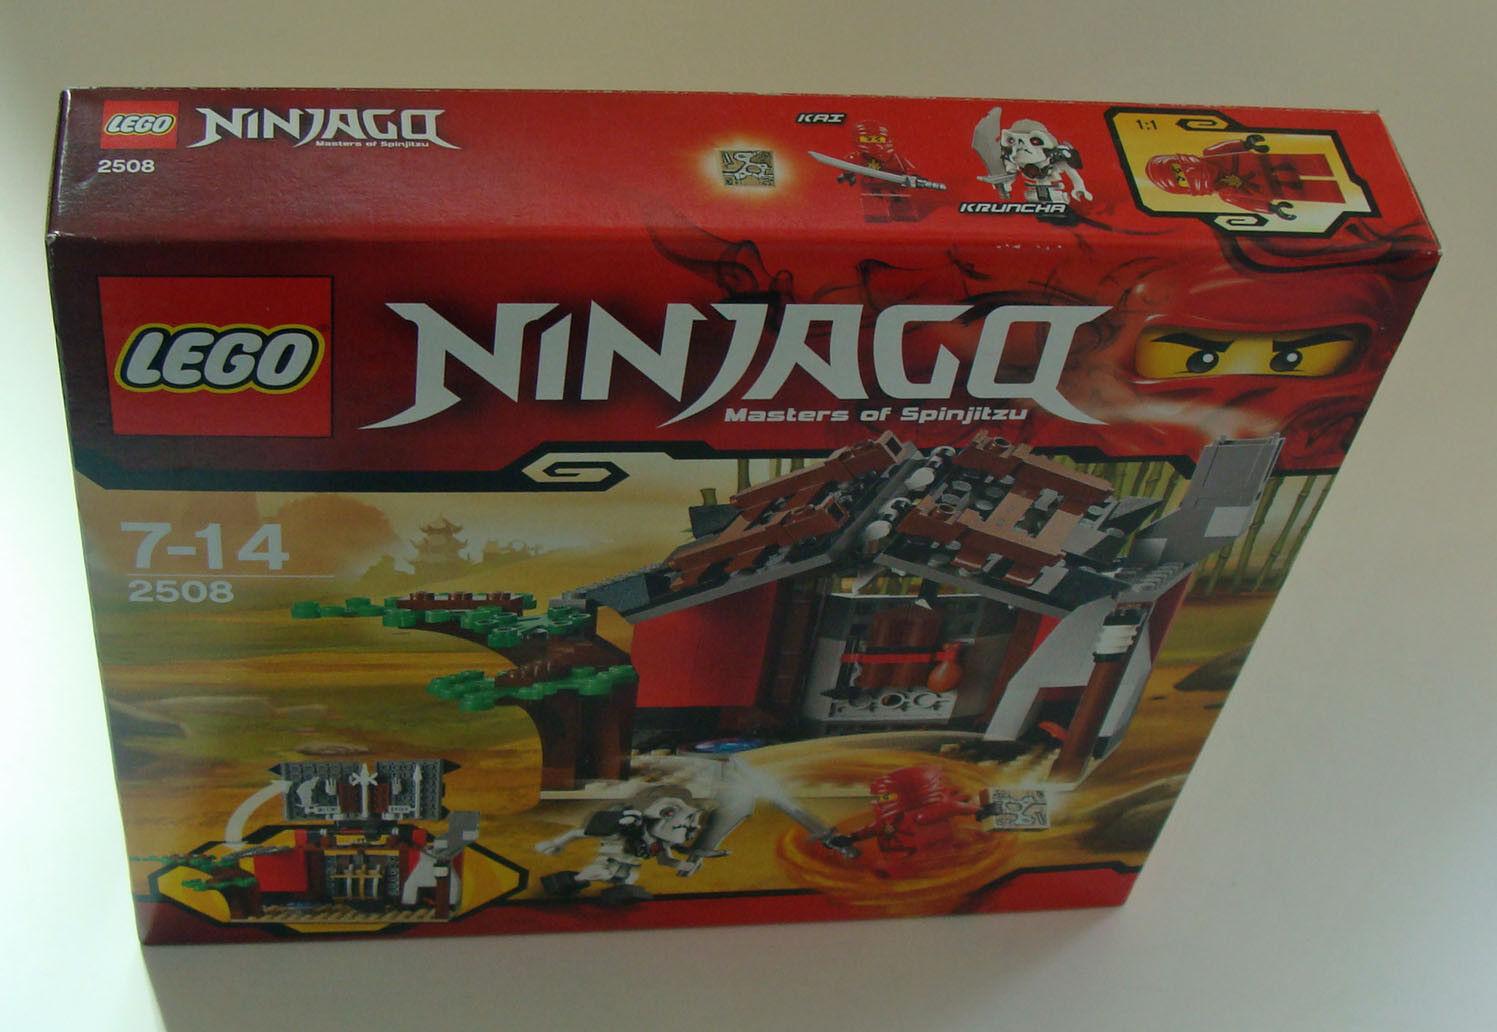 LEGO ® Ninjago 2508-segreta fucina officina 189 parti 7-14 ANNI-NUOVO